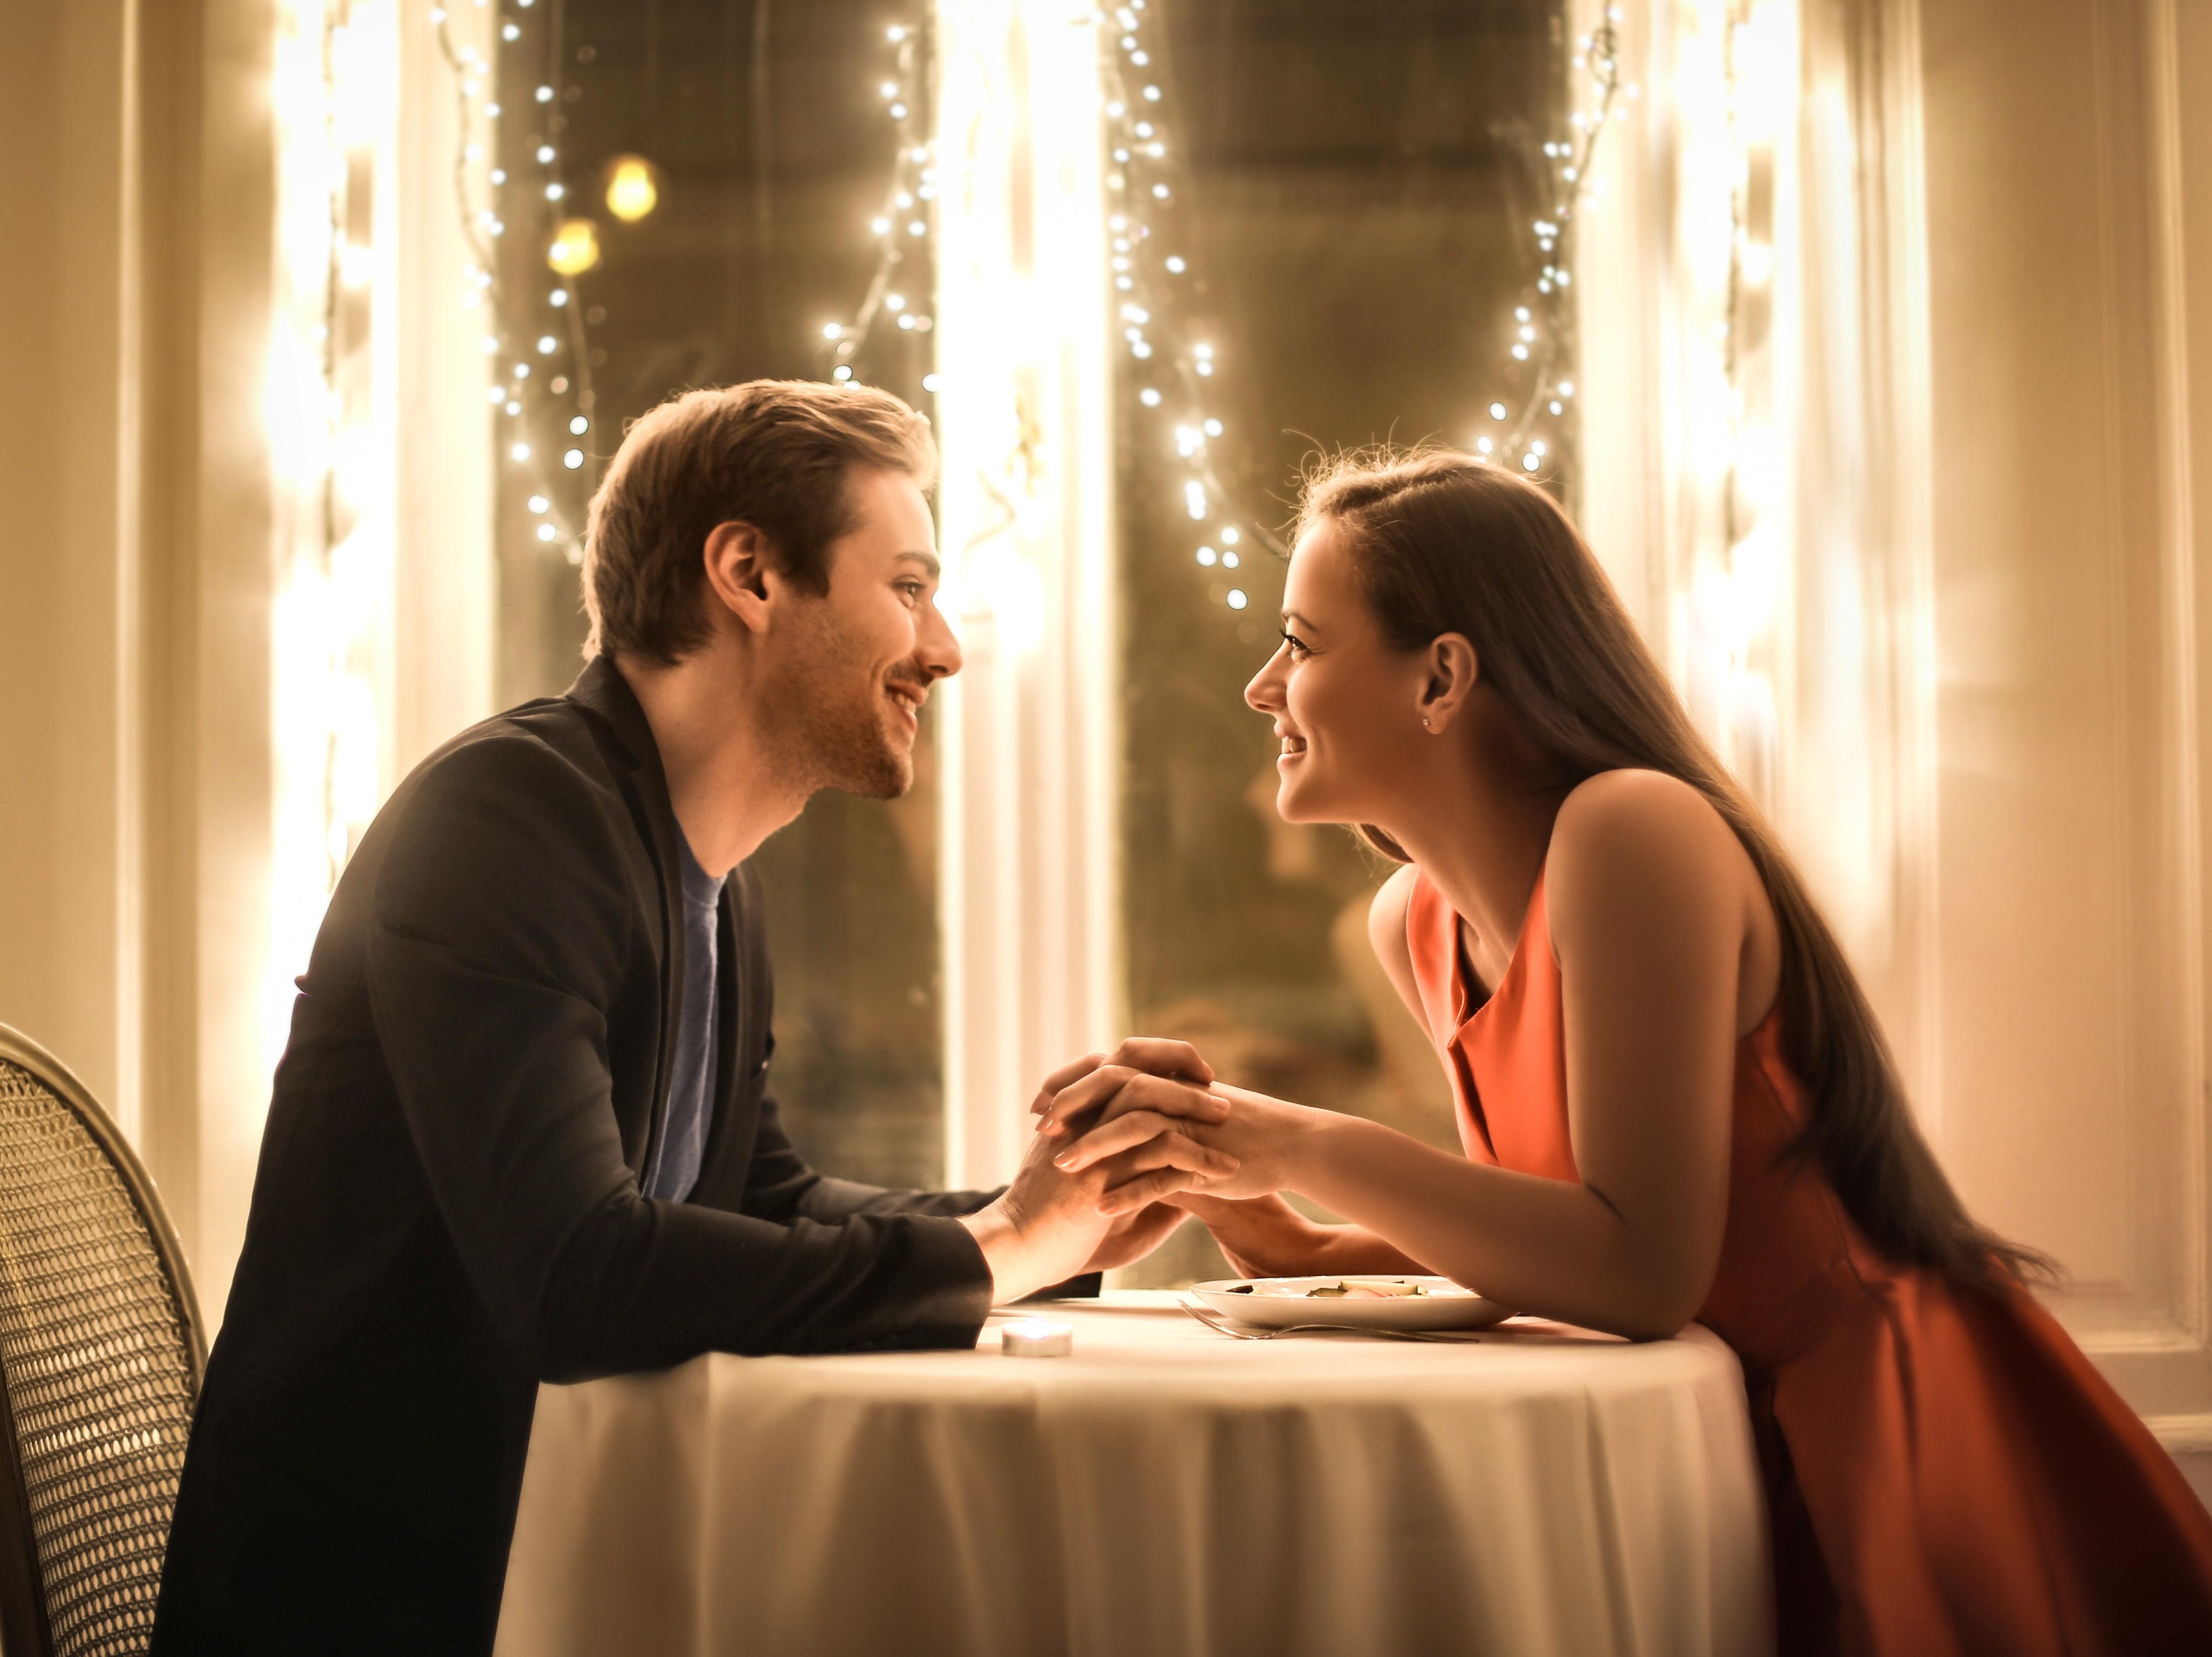 momento romantico di coppia